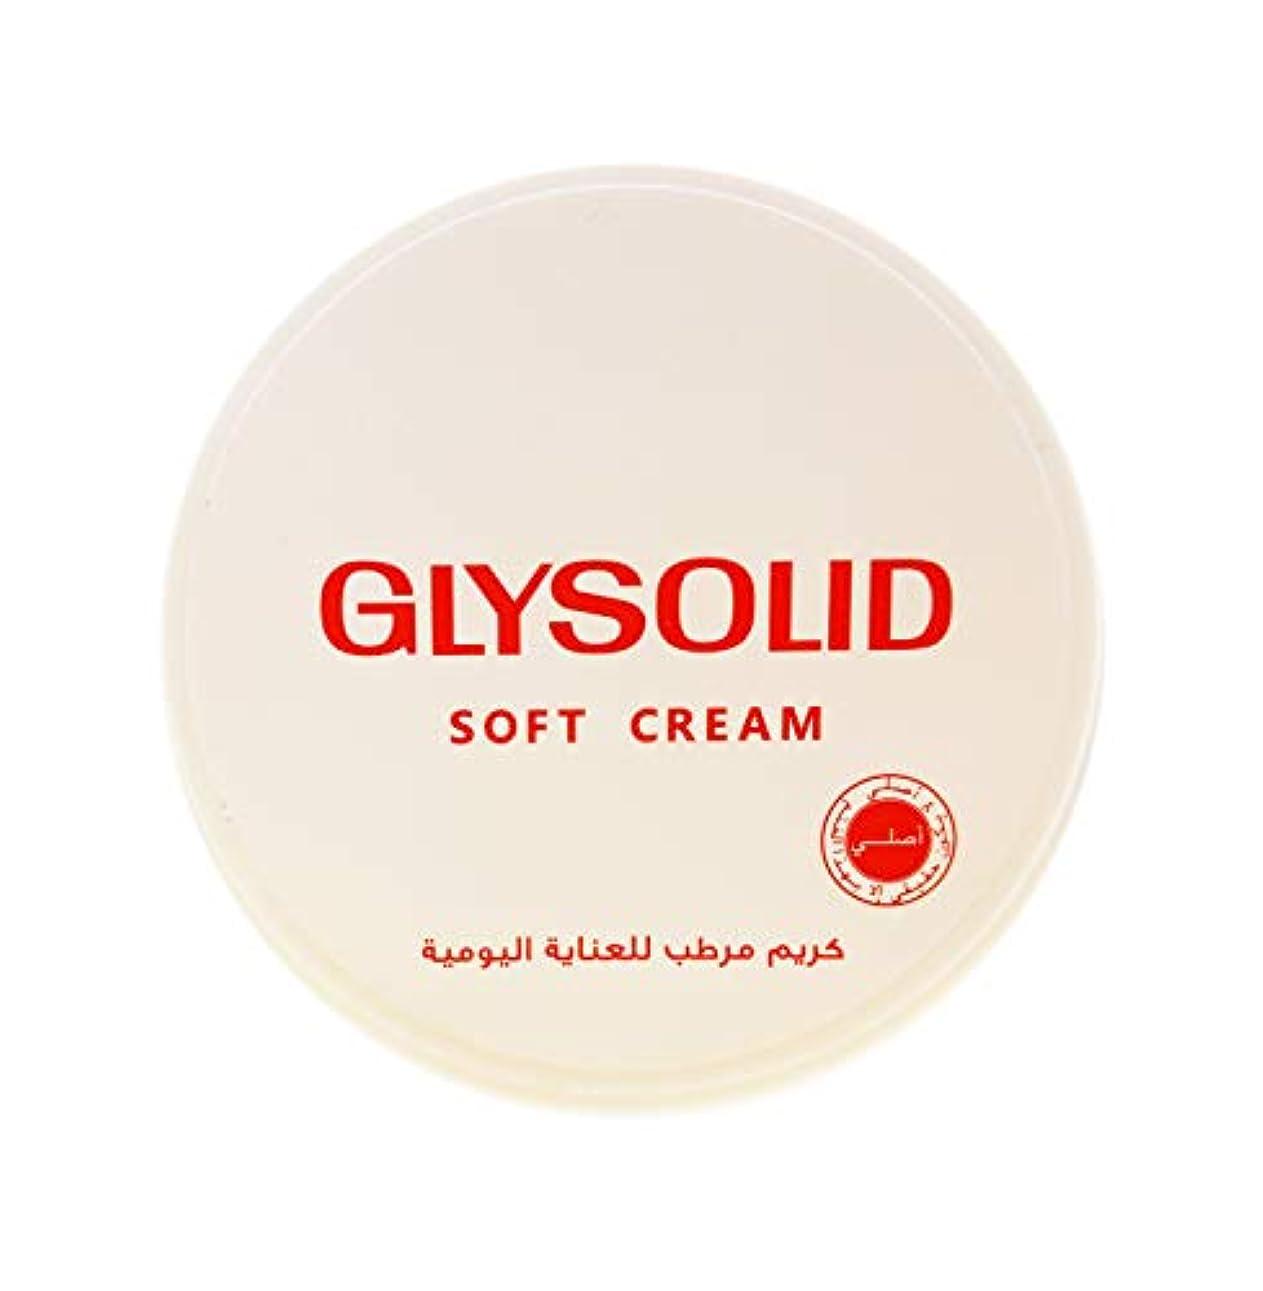 一般的に言えば事実上ローマ人Glysolid Soft Cream Moisturizers For Dry Skin Face Hands Feet Elbow Body Softening With Glycerin Keeping Your...